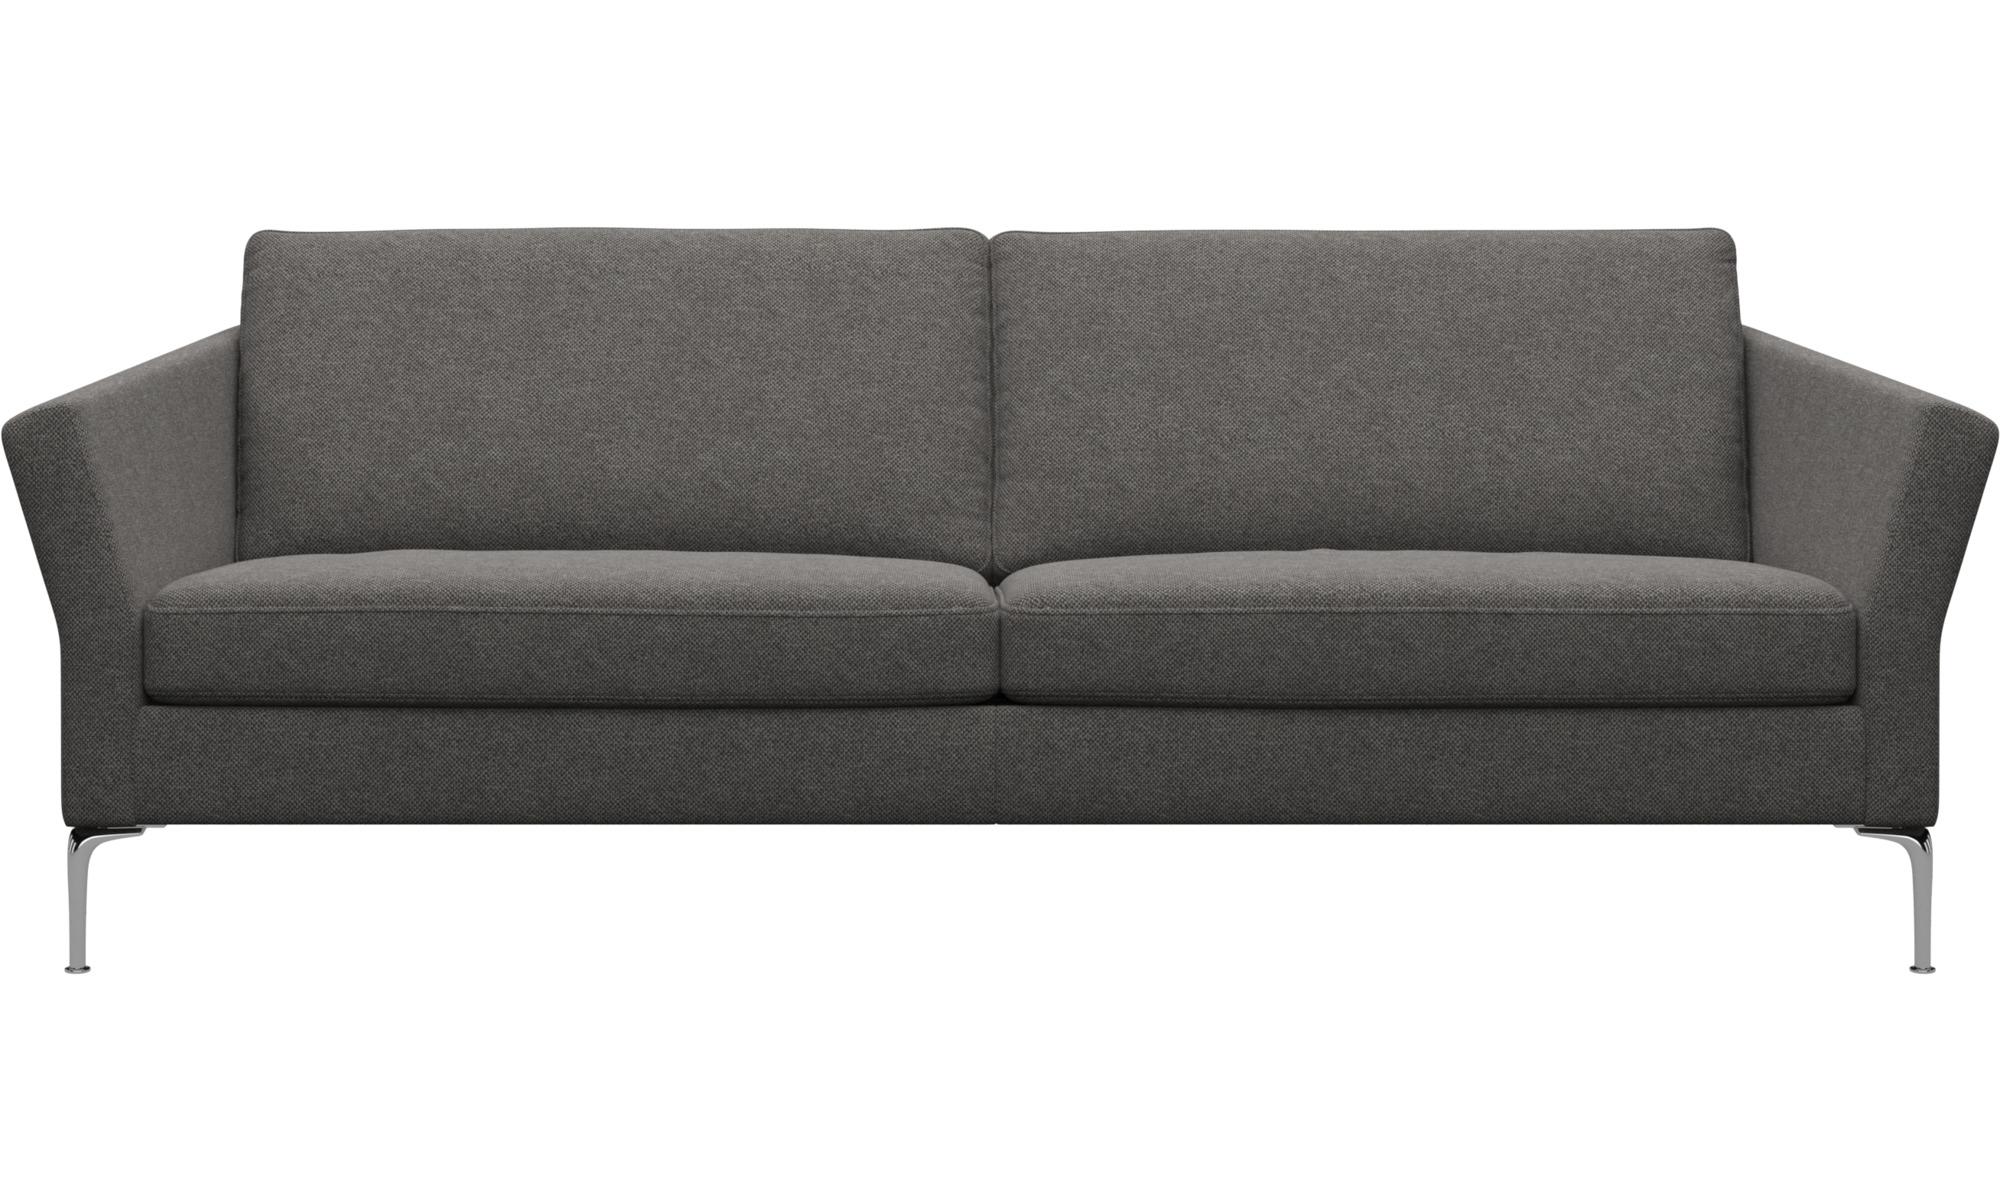 Full Size of Sofa Grau Stoff Chesterfield Big 3er Ikea Couch Reinigen Kaufen Gebraucht Grober Meliert 3 Sitzer Sofas Marseille Boconcept Türkis 2er Leder Landhausstil Sofa Sofa Grau Stoff